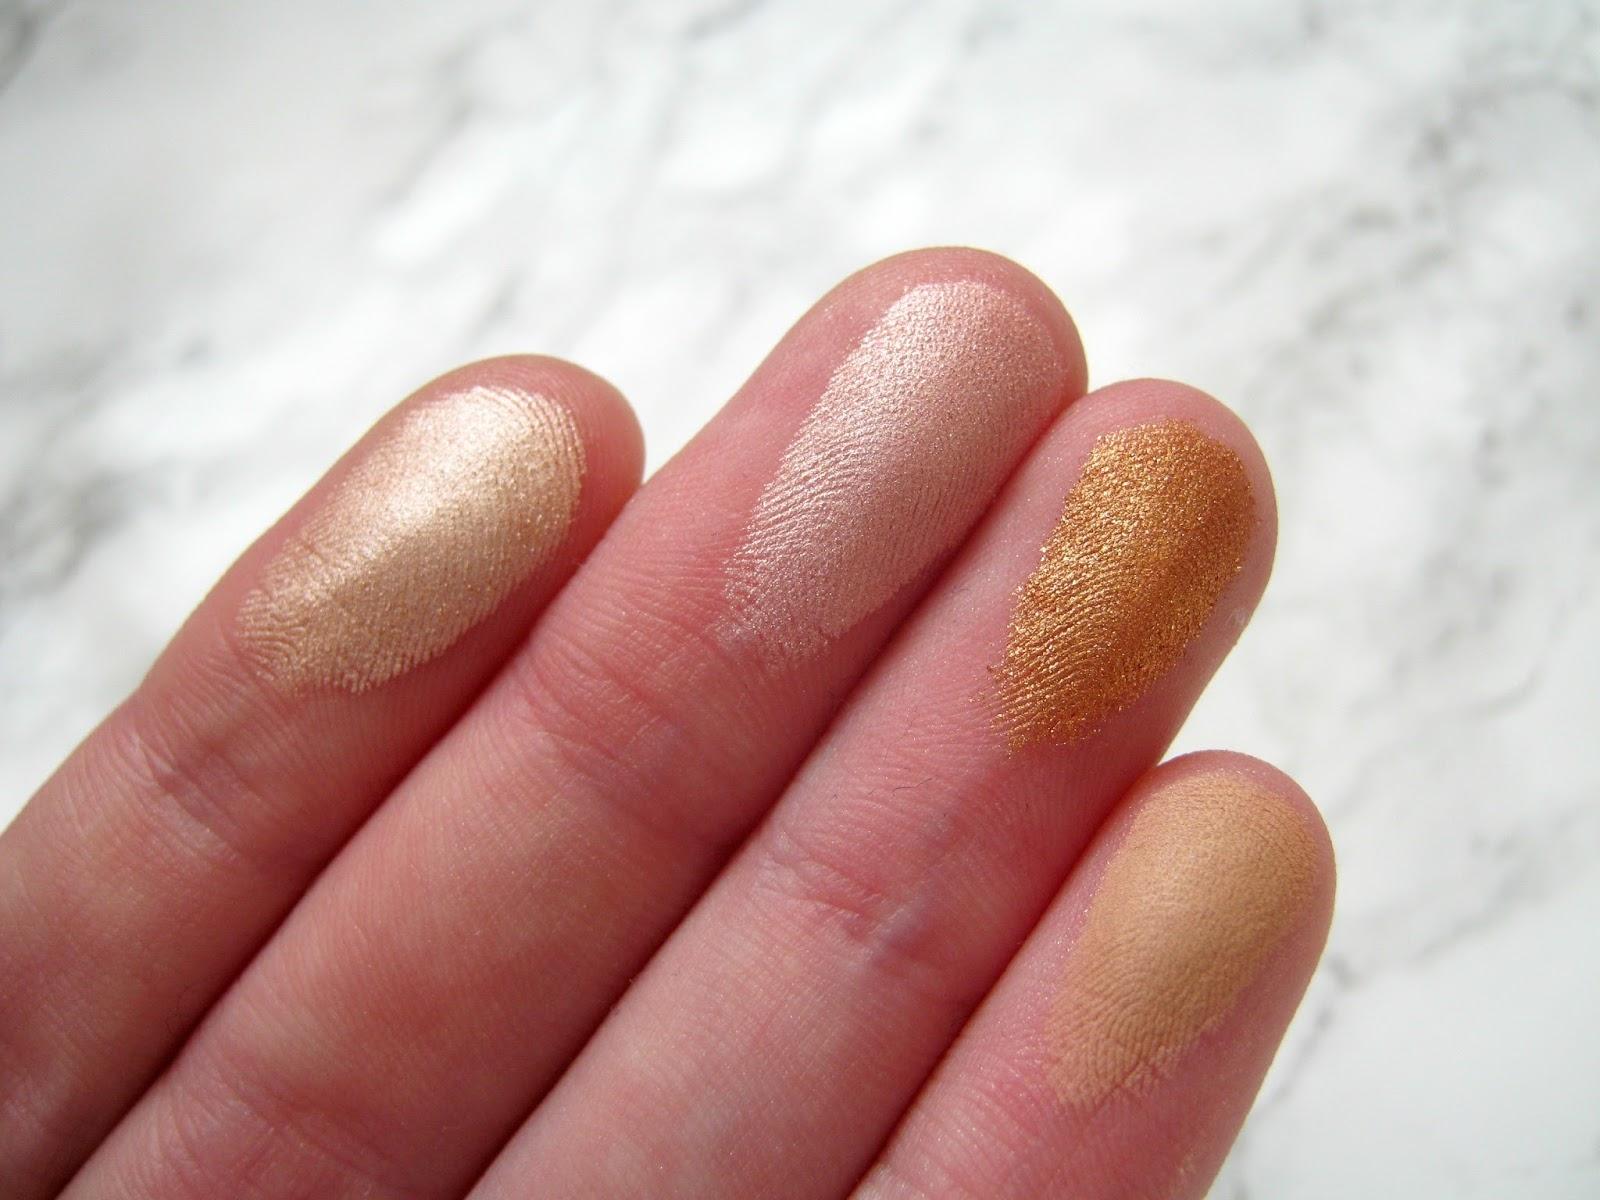 Makeup Revolution Golden Sugar 2 Rose Gold Blush Palette | Review ...